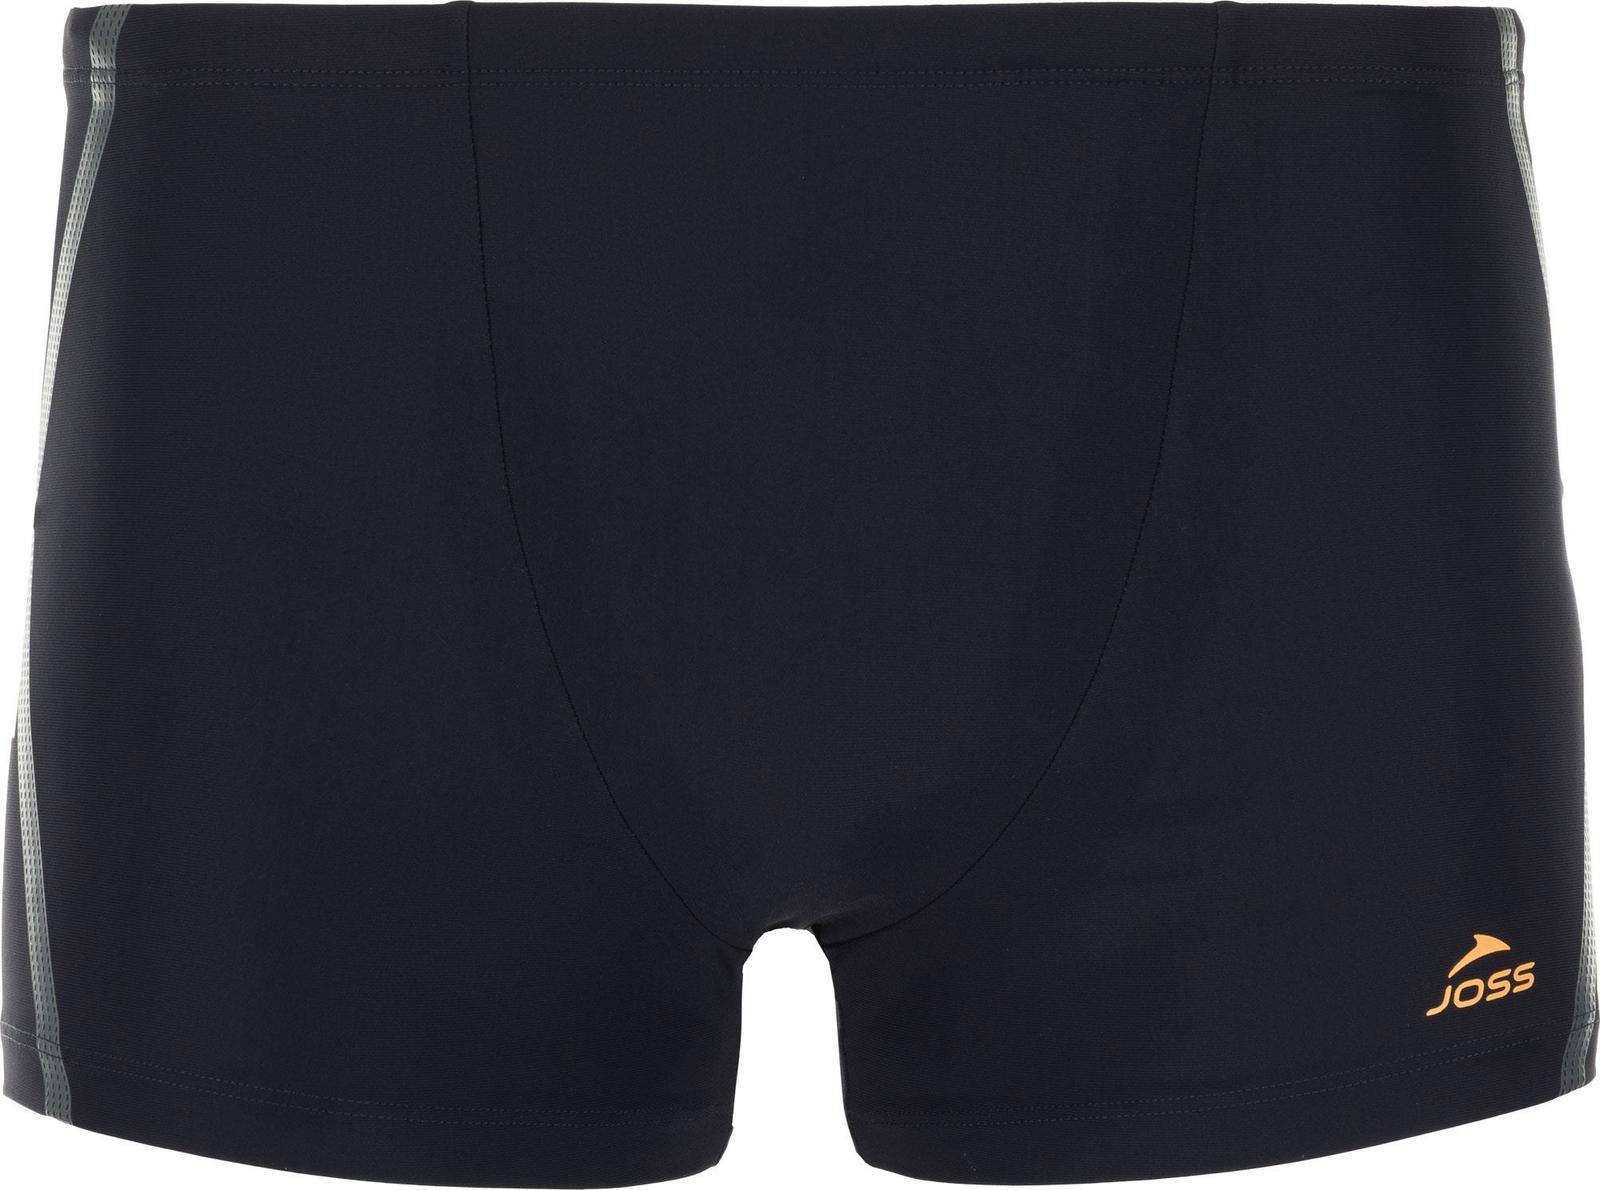 Плавки Joss Men's swim trunks плавки для мальчика joss boys swim shorts цвет синий оранжевый bsw03s6 me размер 128